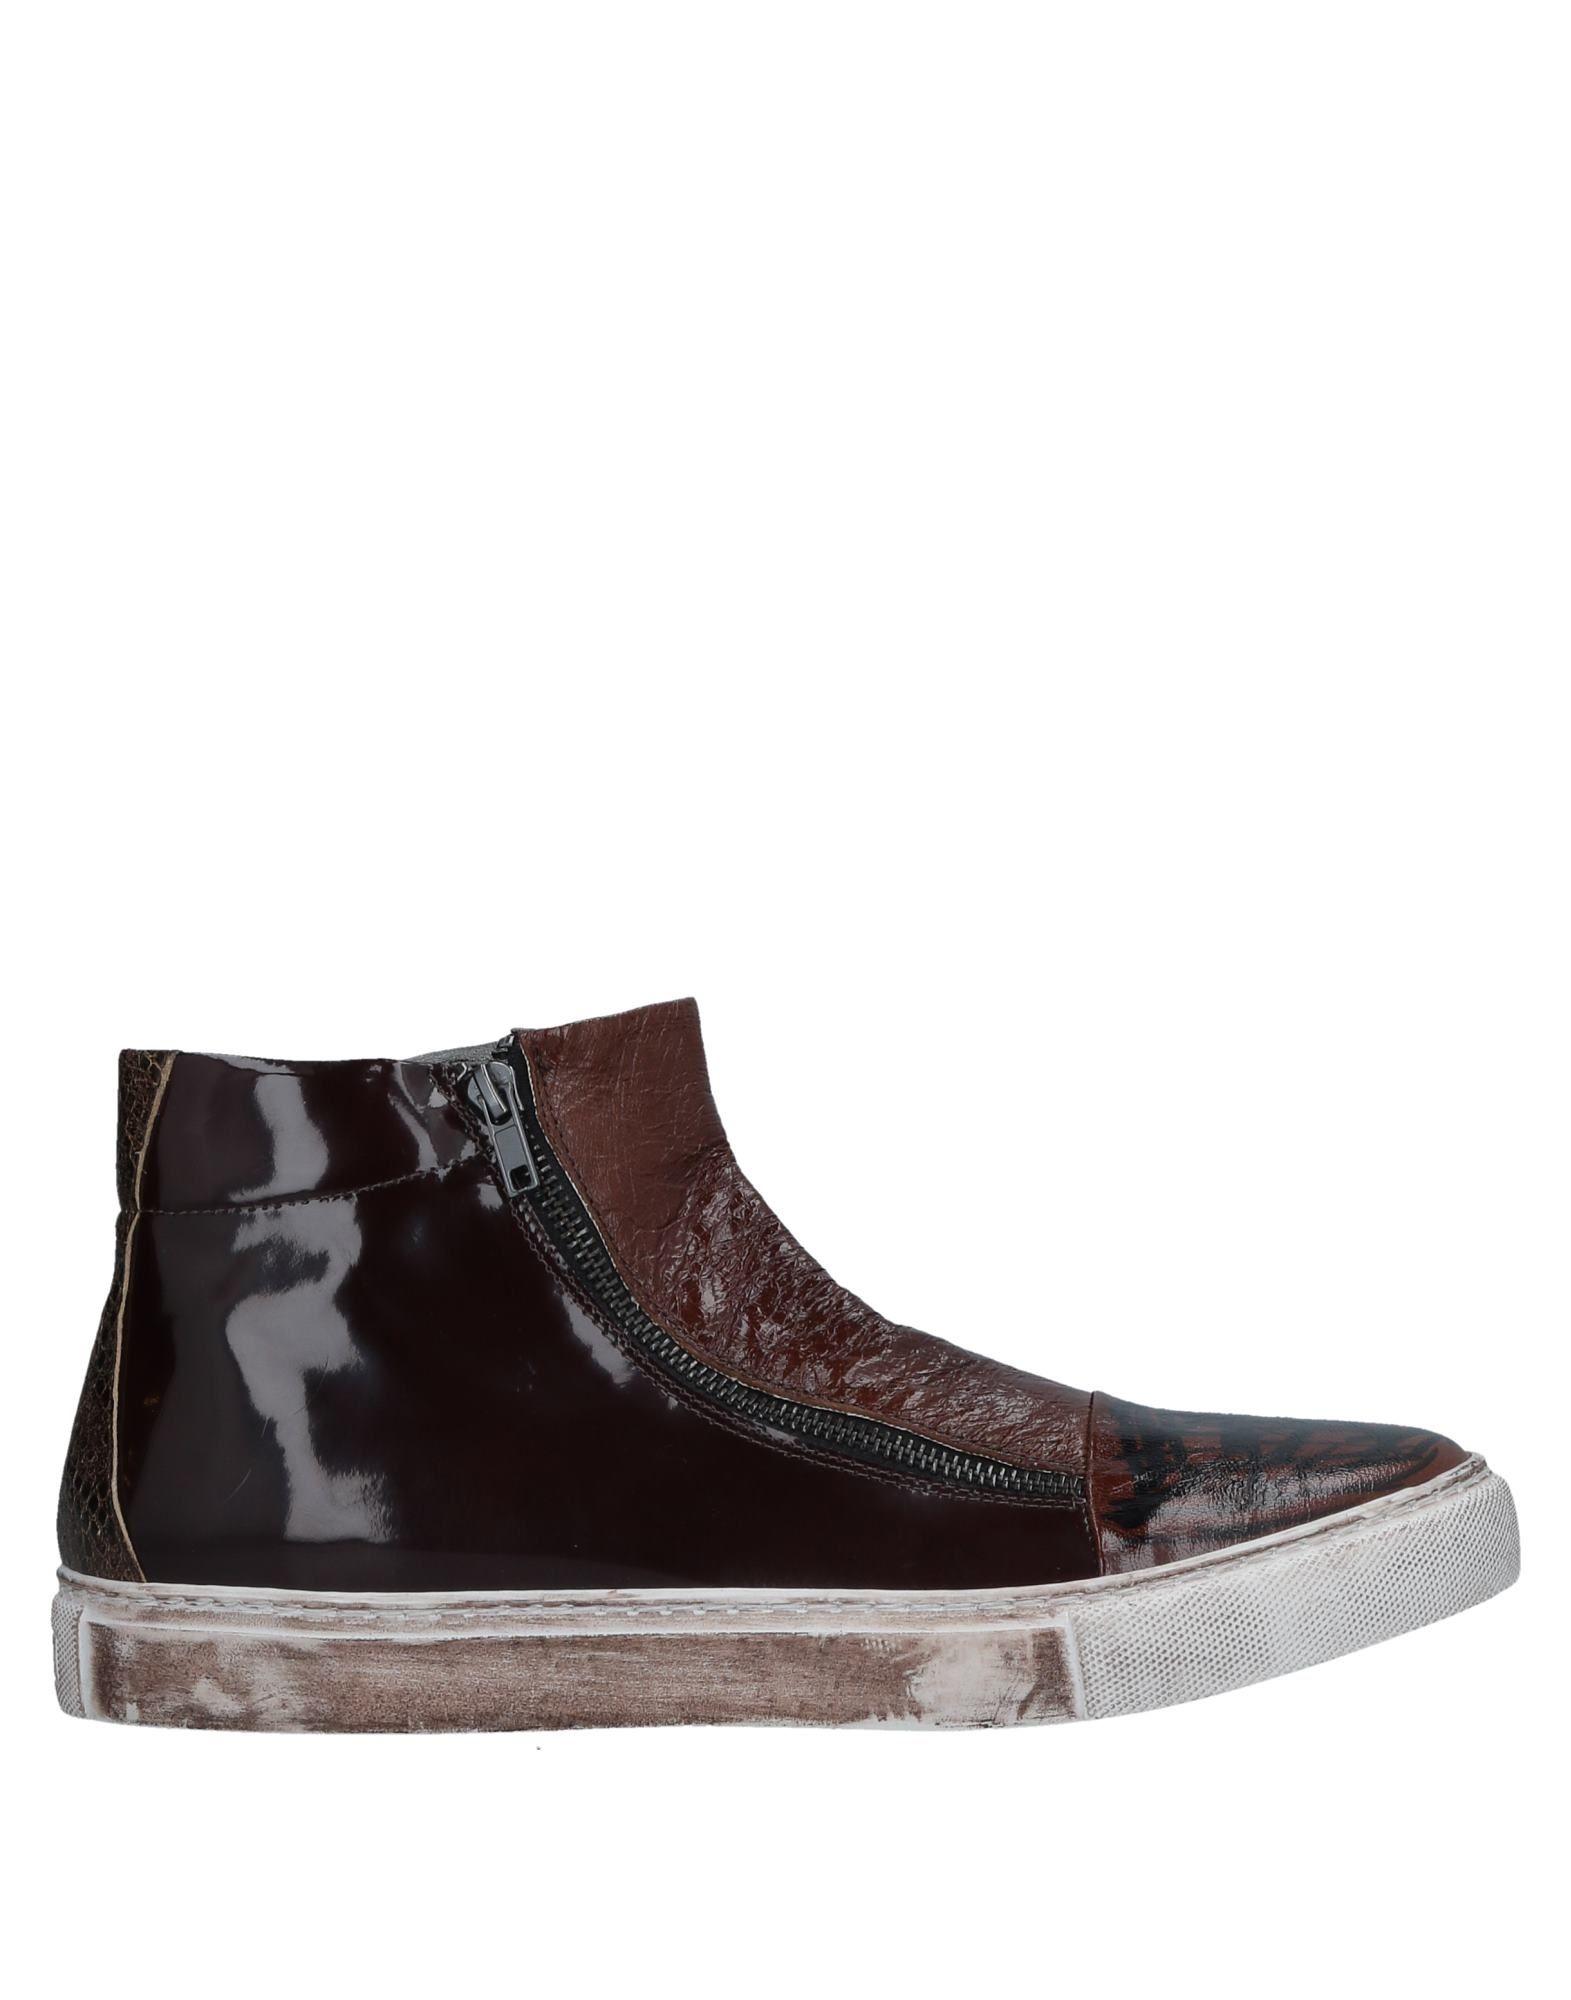 Sneakers Ebarrito Uomo - 11525532EM Scarpe economiche e buone